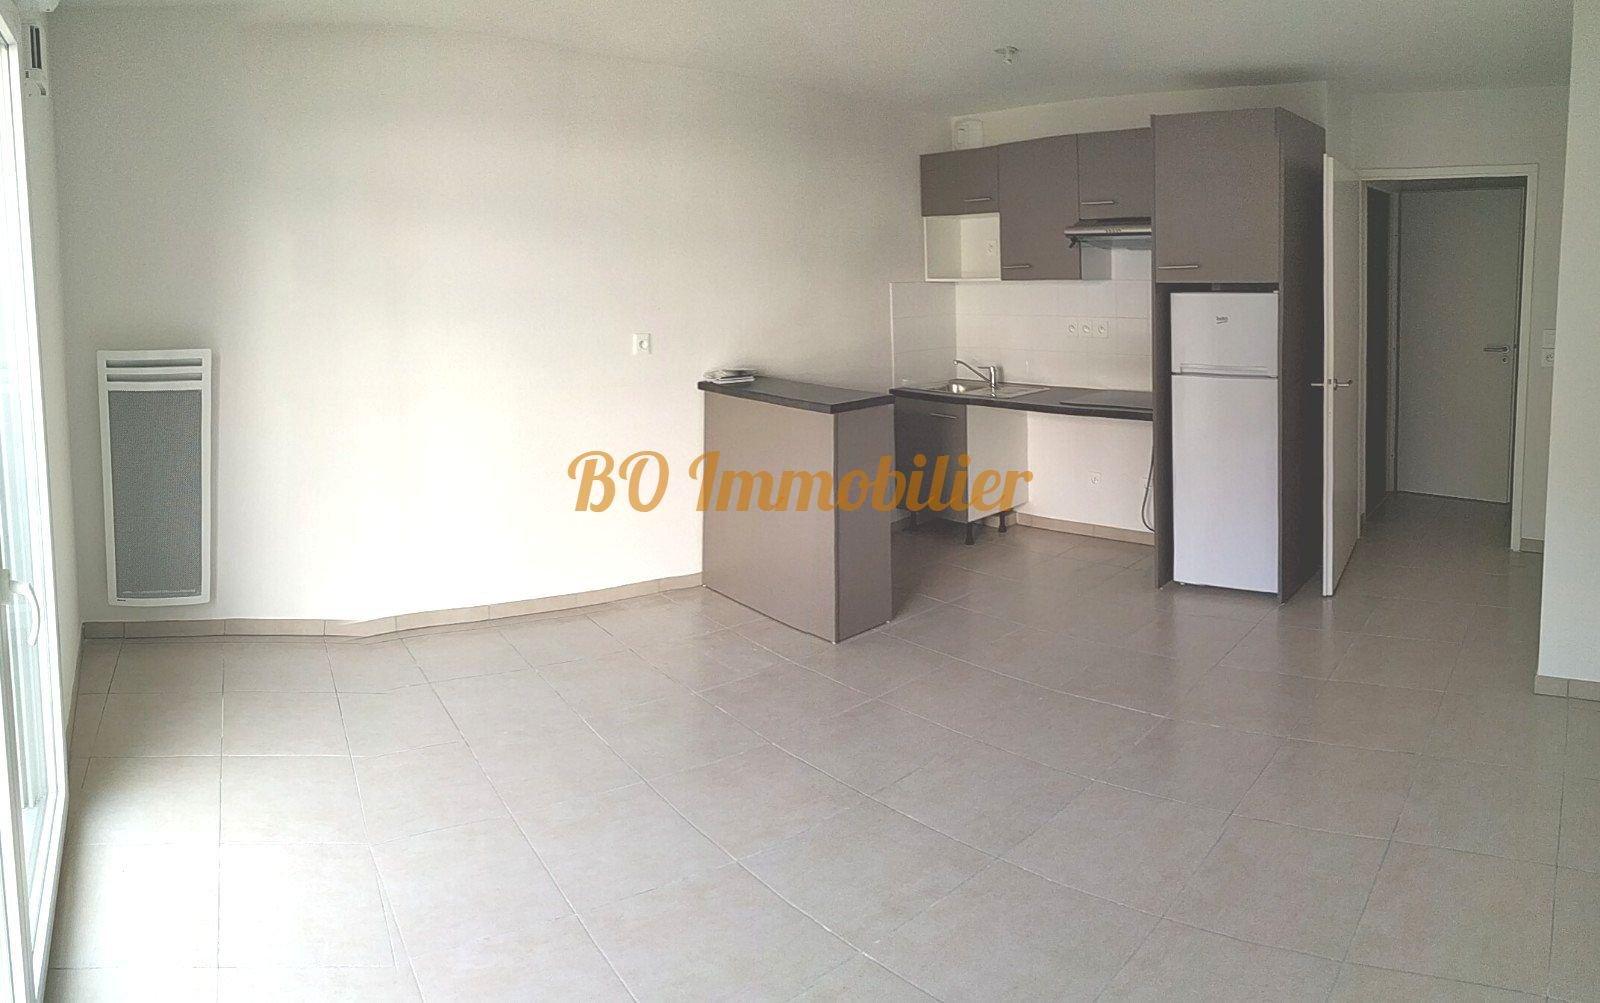 Appartement Neuf, beau 3p de 58 m² + balcon + 2 parkings